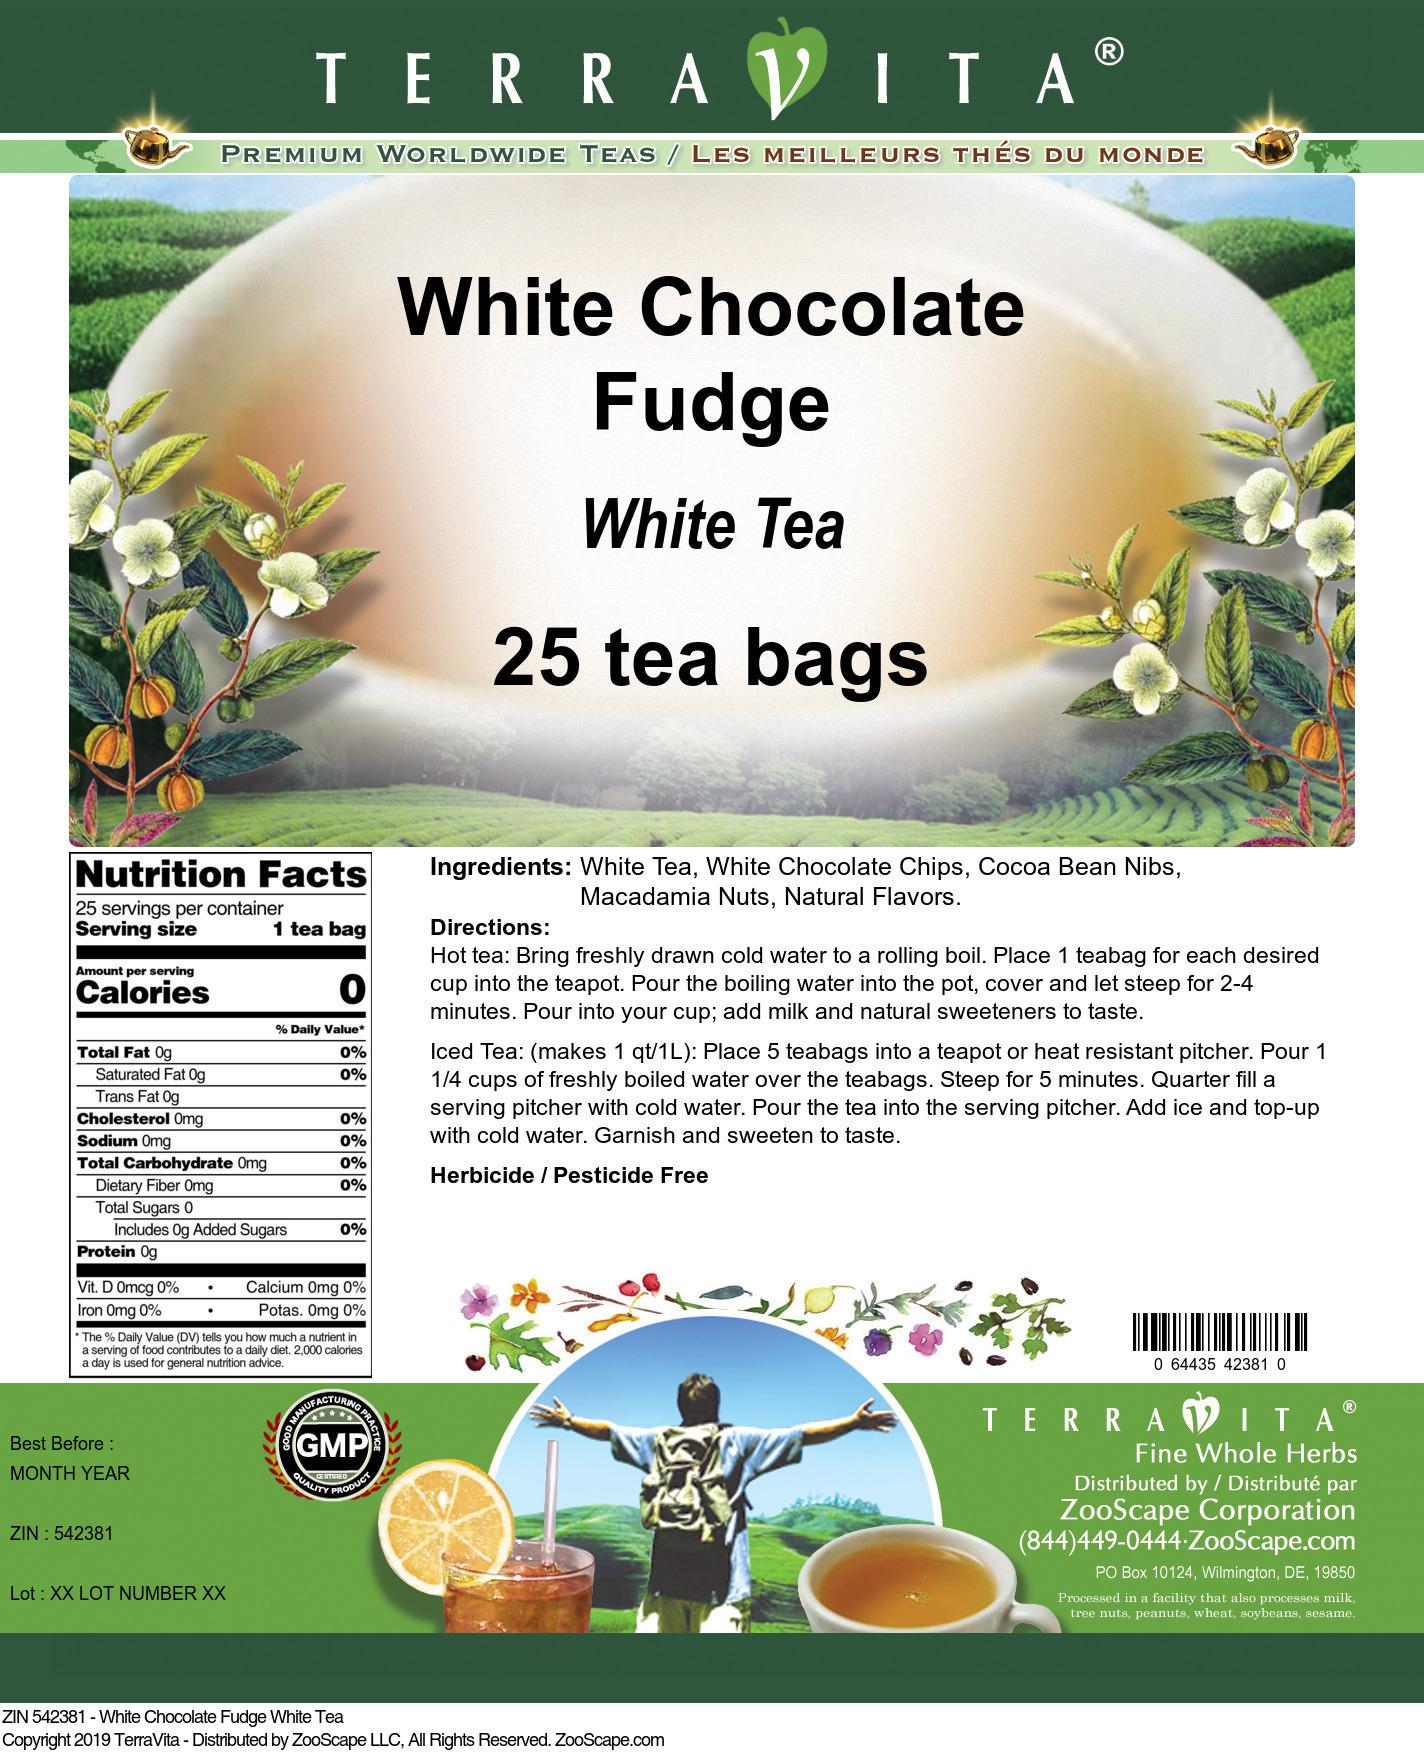 White Chocolate Fudge White Tea